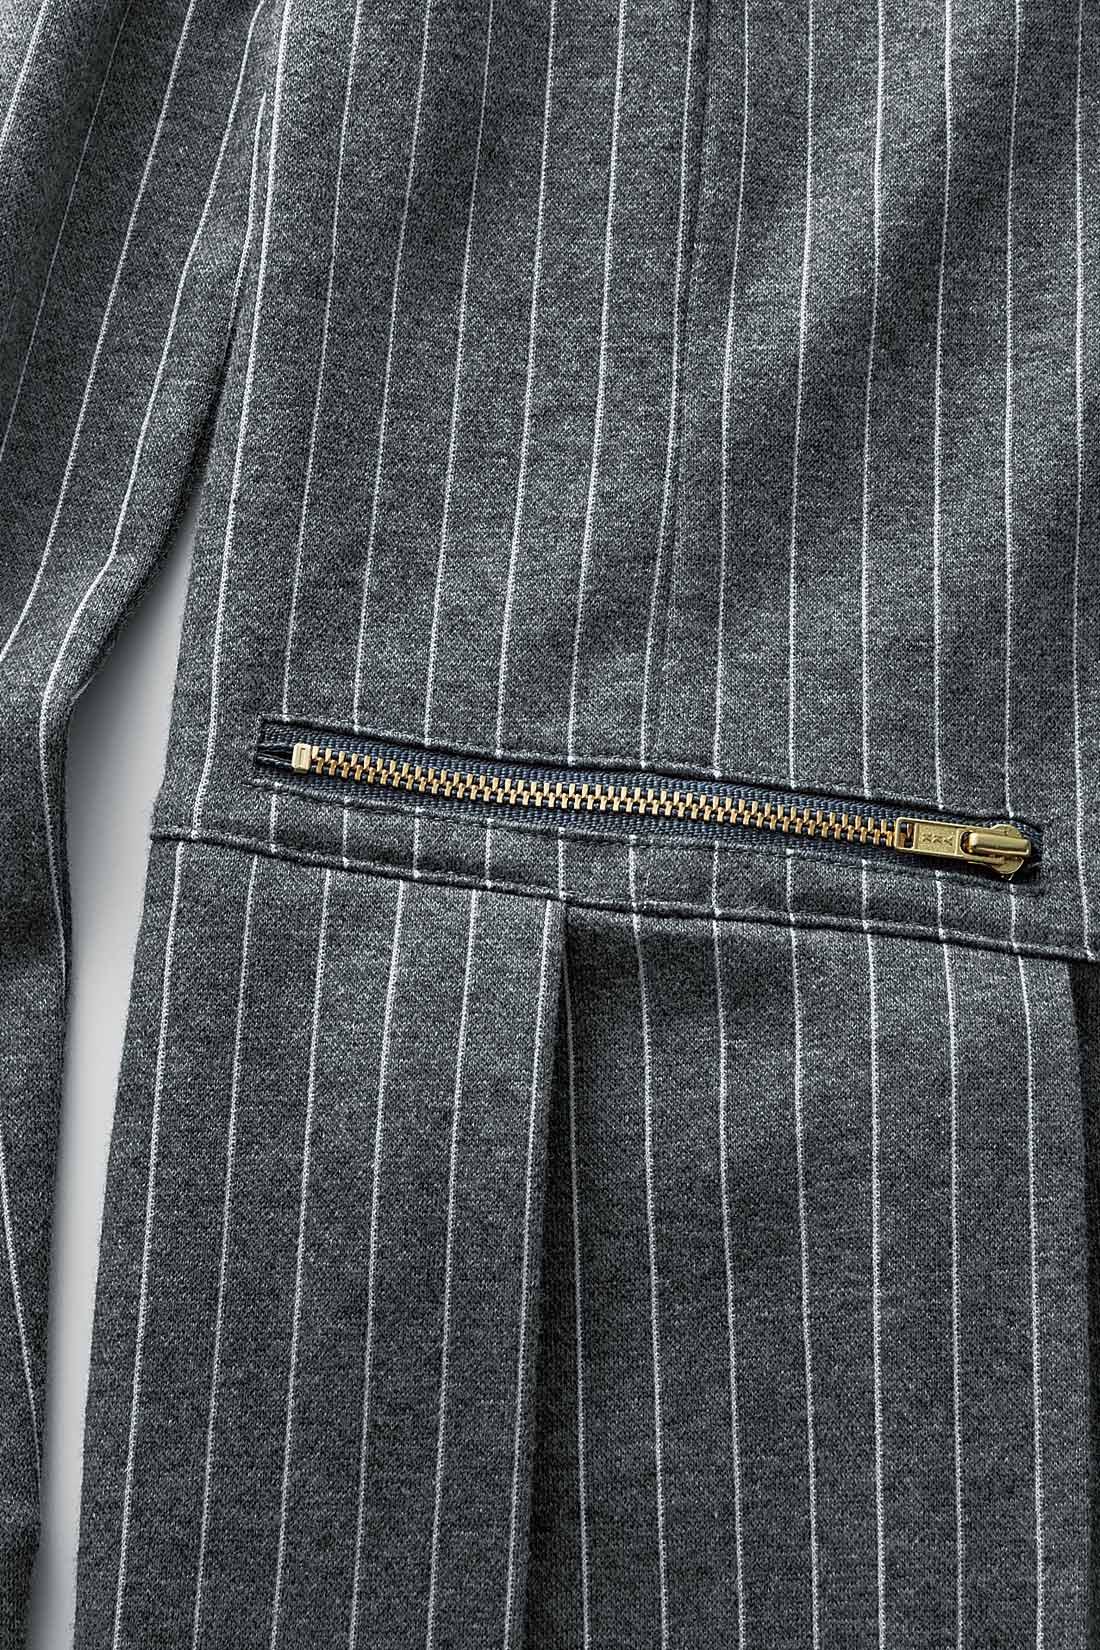 ゴールドジップのポケット風デザインがポイント。 ※お届けするカラーとは異なります。